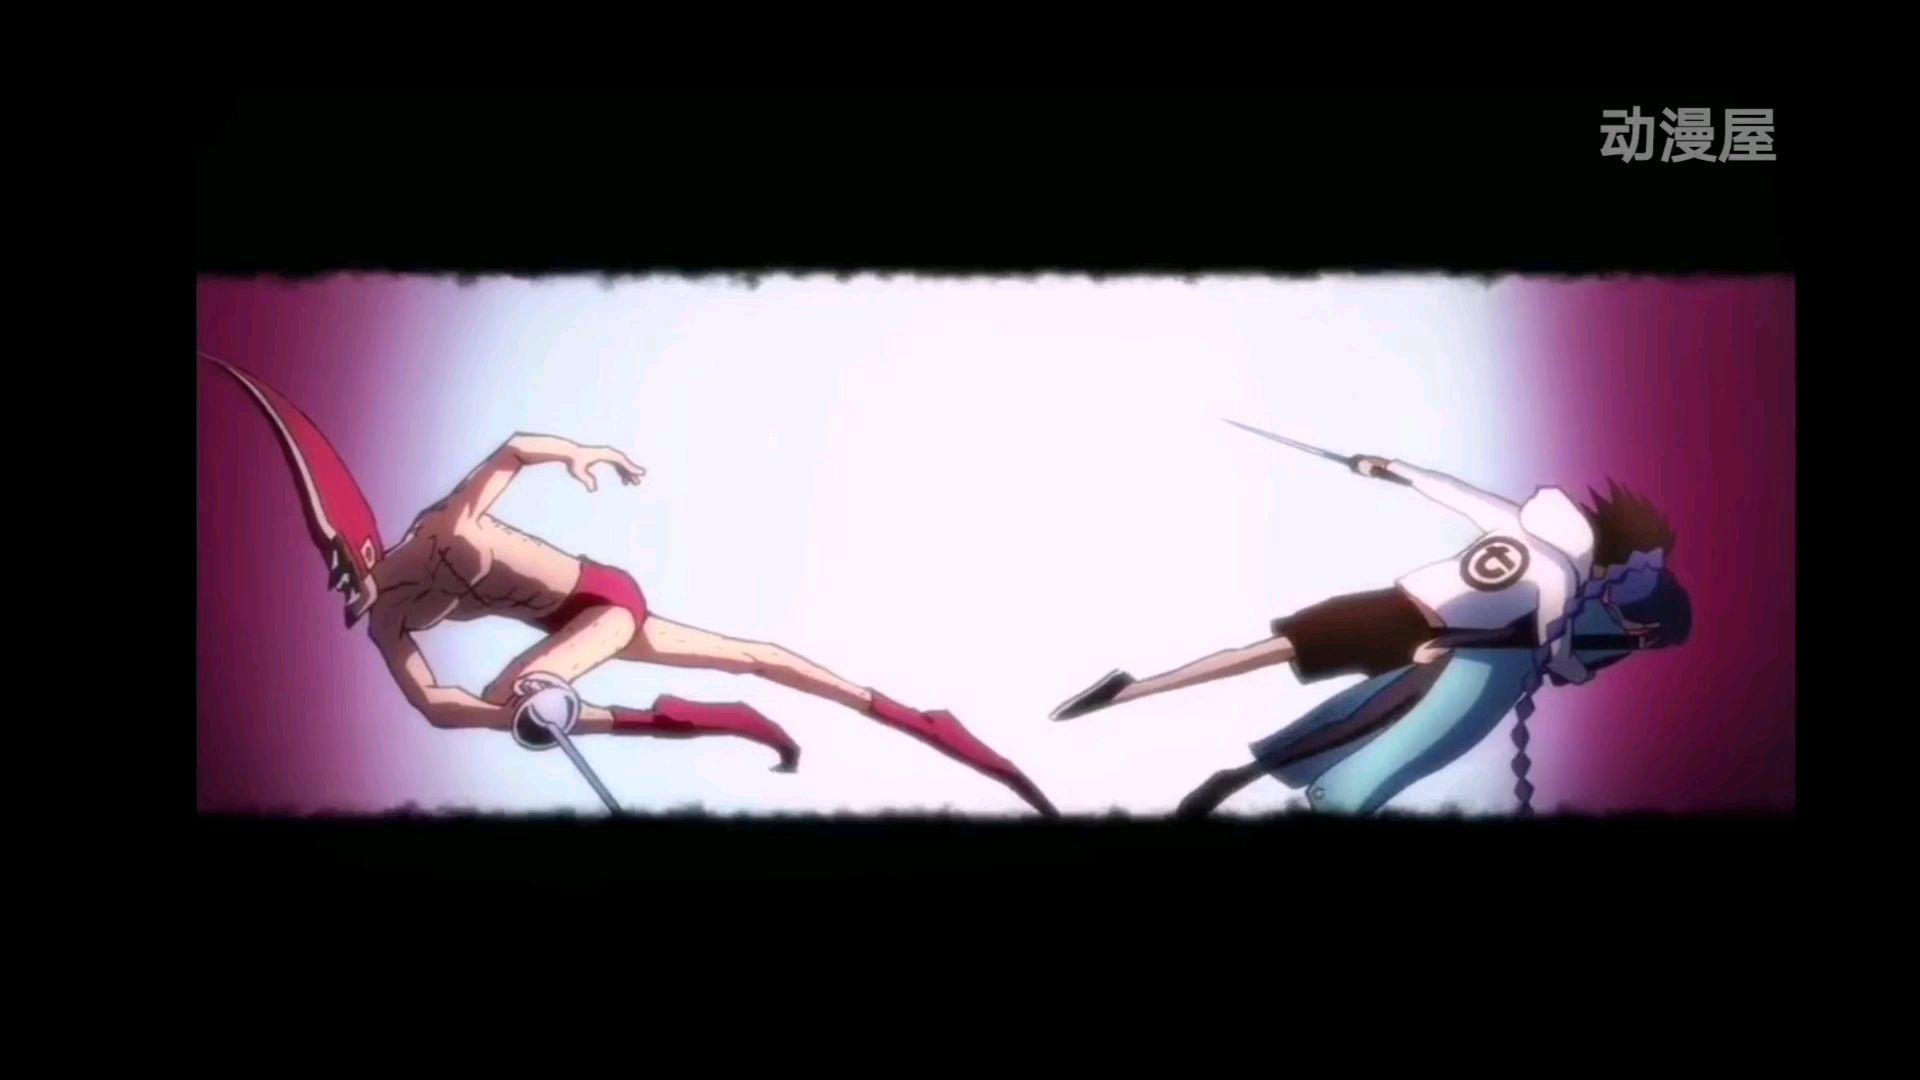 【刺客伍六七第二季】伍六七VS杰克船长!魔刀在现